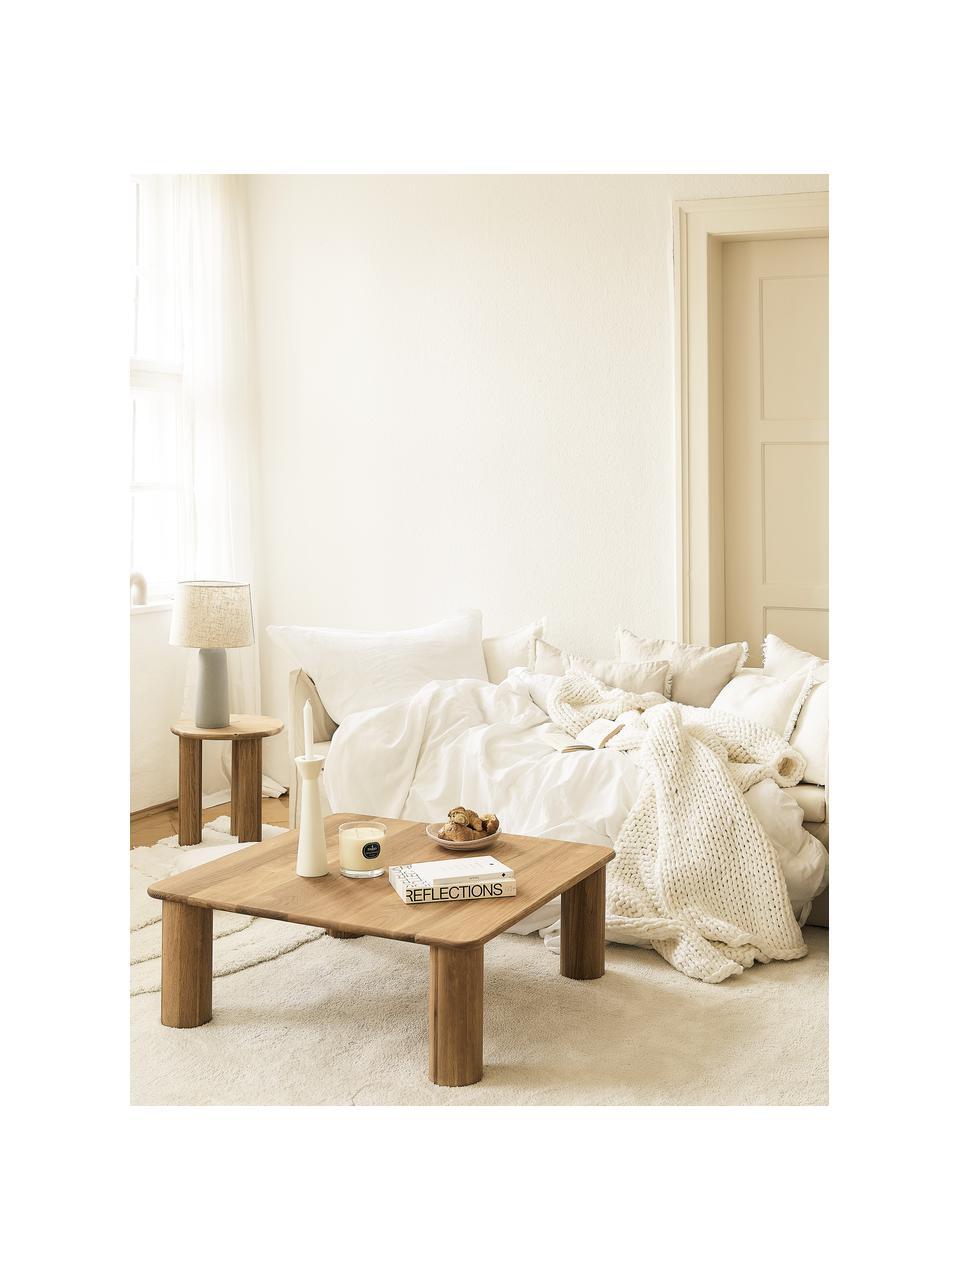 Stolik kawowy z drewna dębowego Didi, Lite drewno dębowe, olejowane, Brązowy, S 90 x W 35 cm